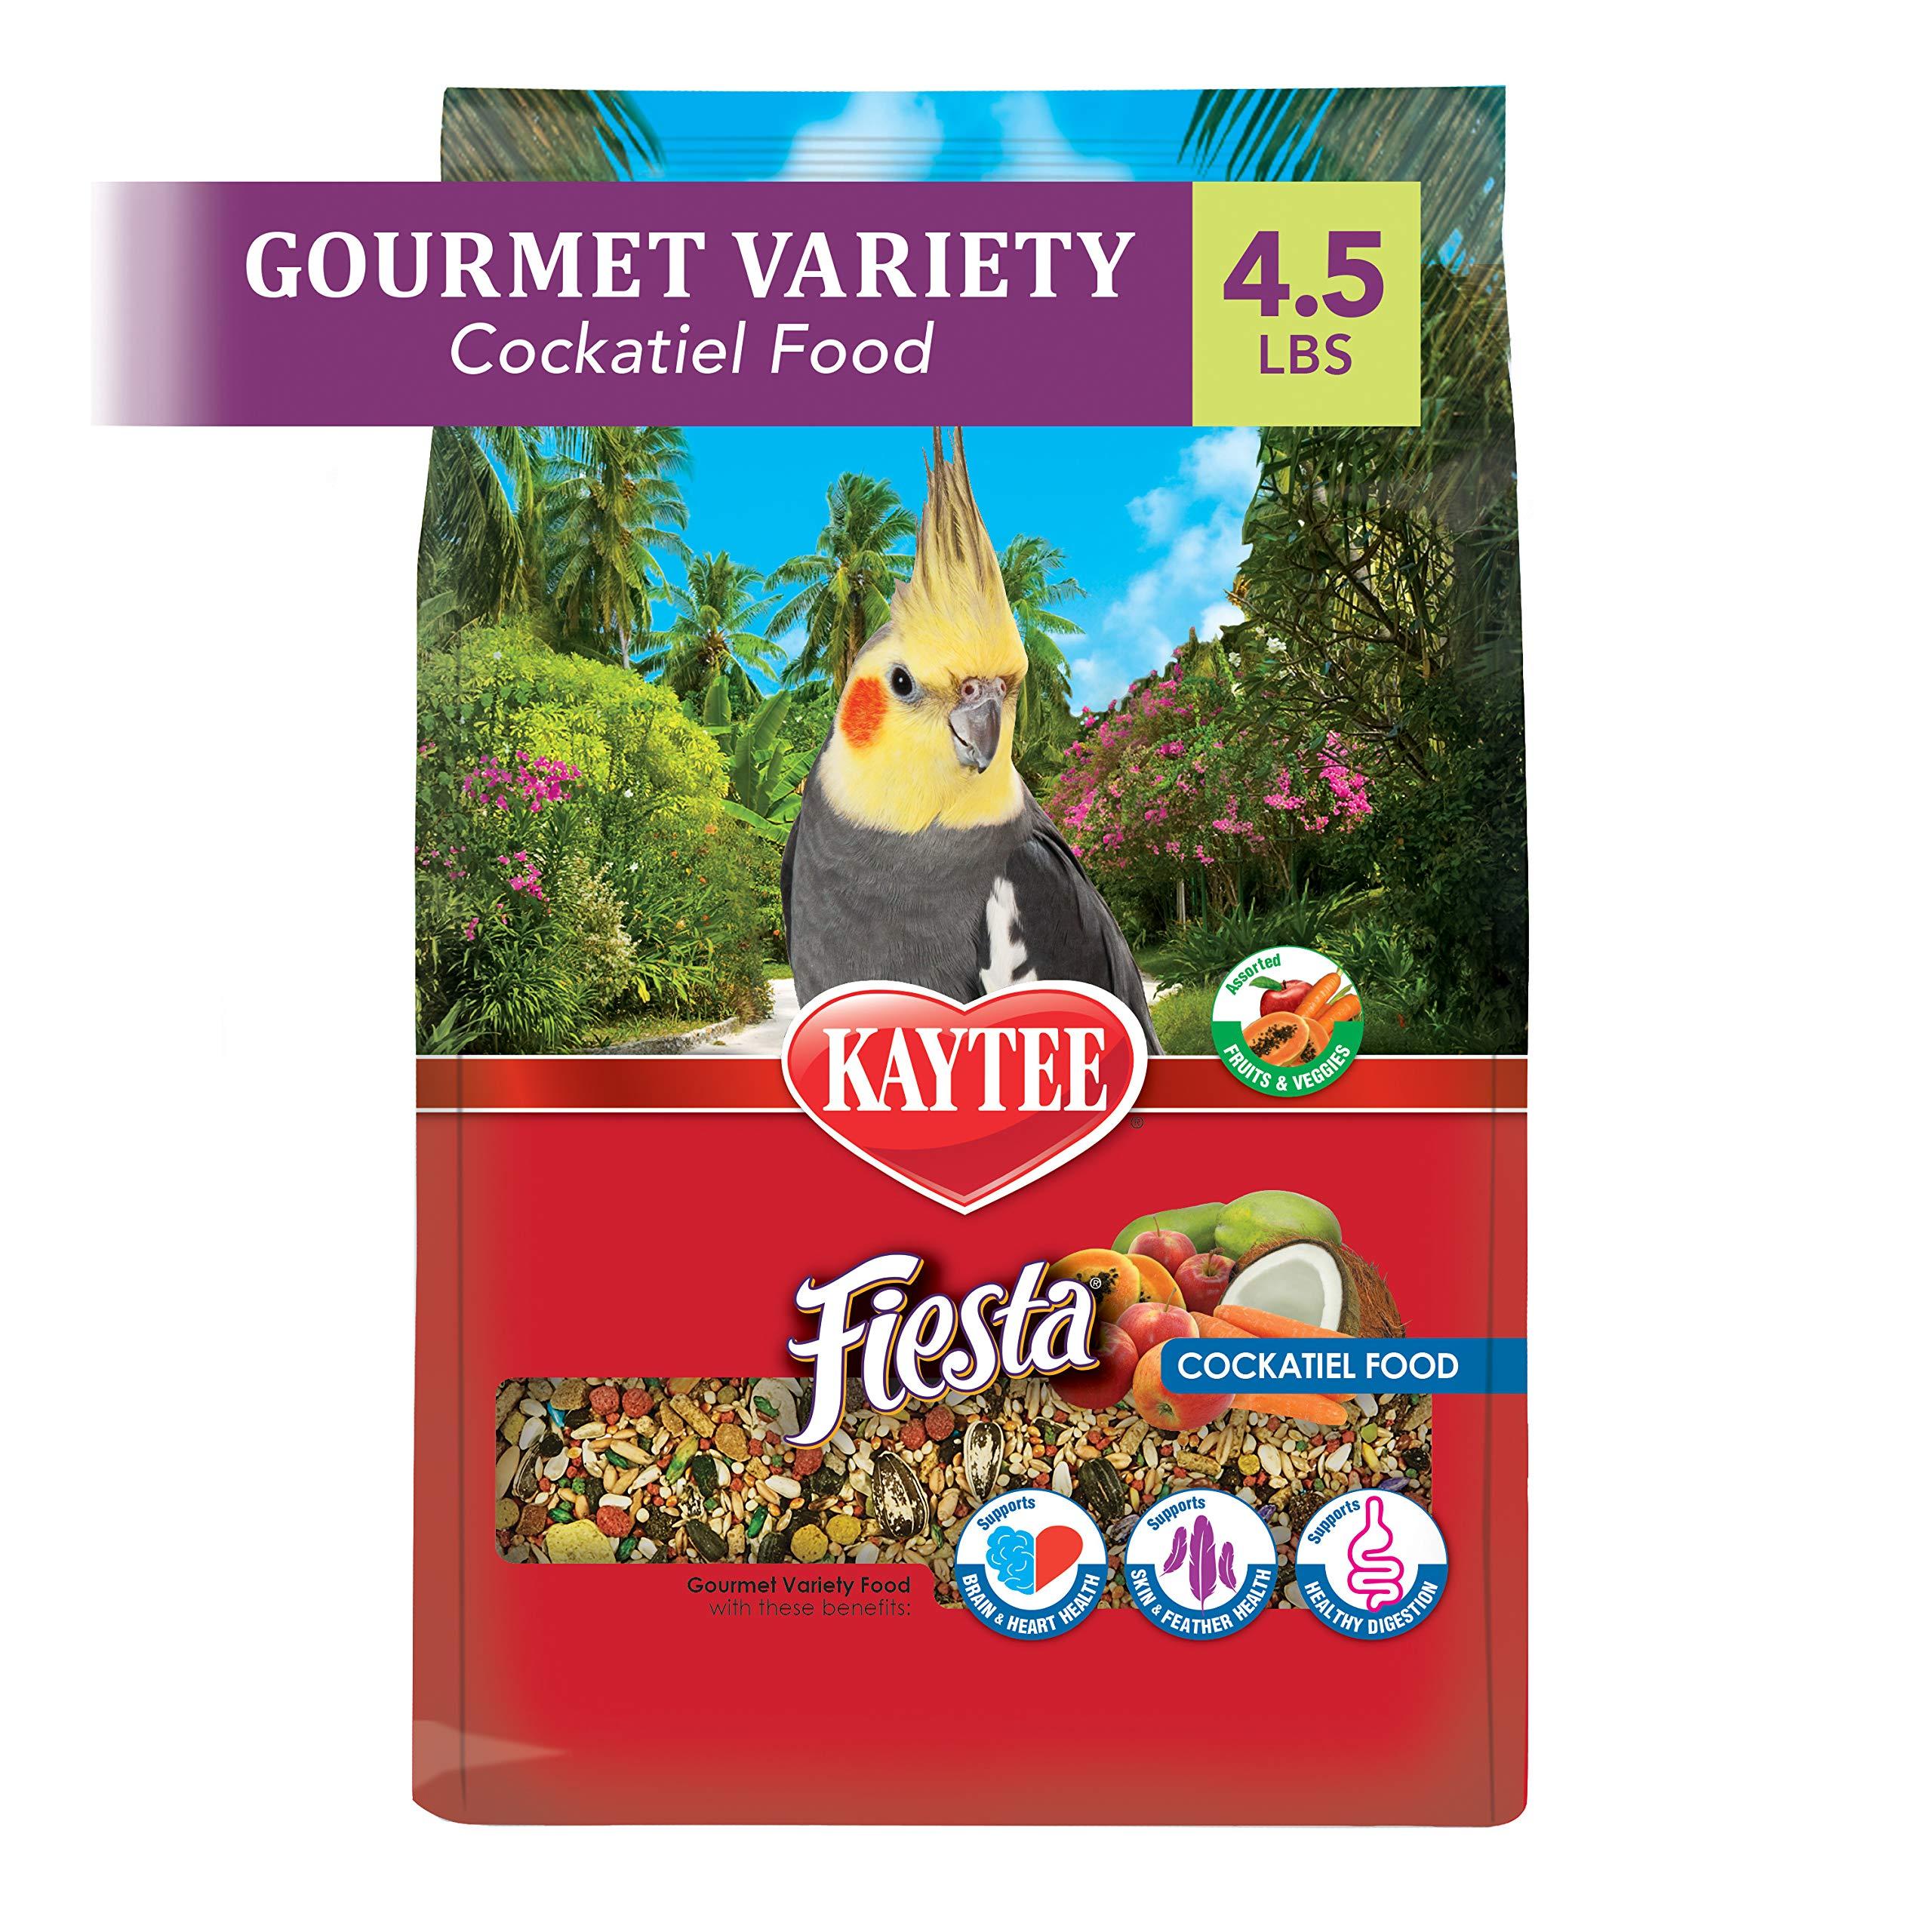 Kaytee Fiesta Cockatiel Food 4.5 lb